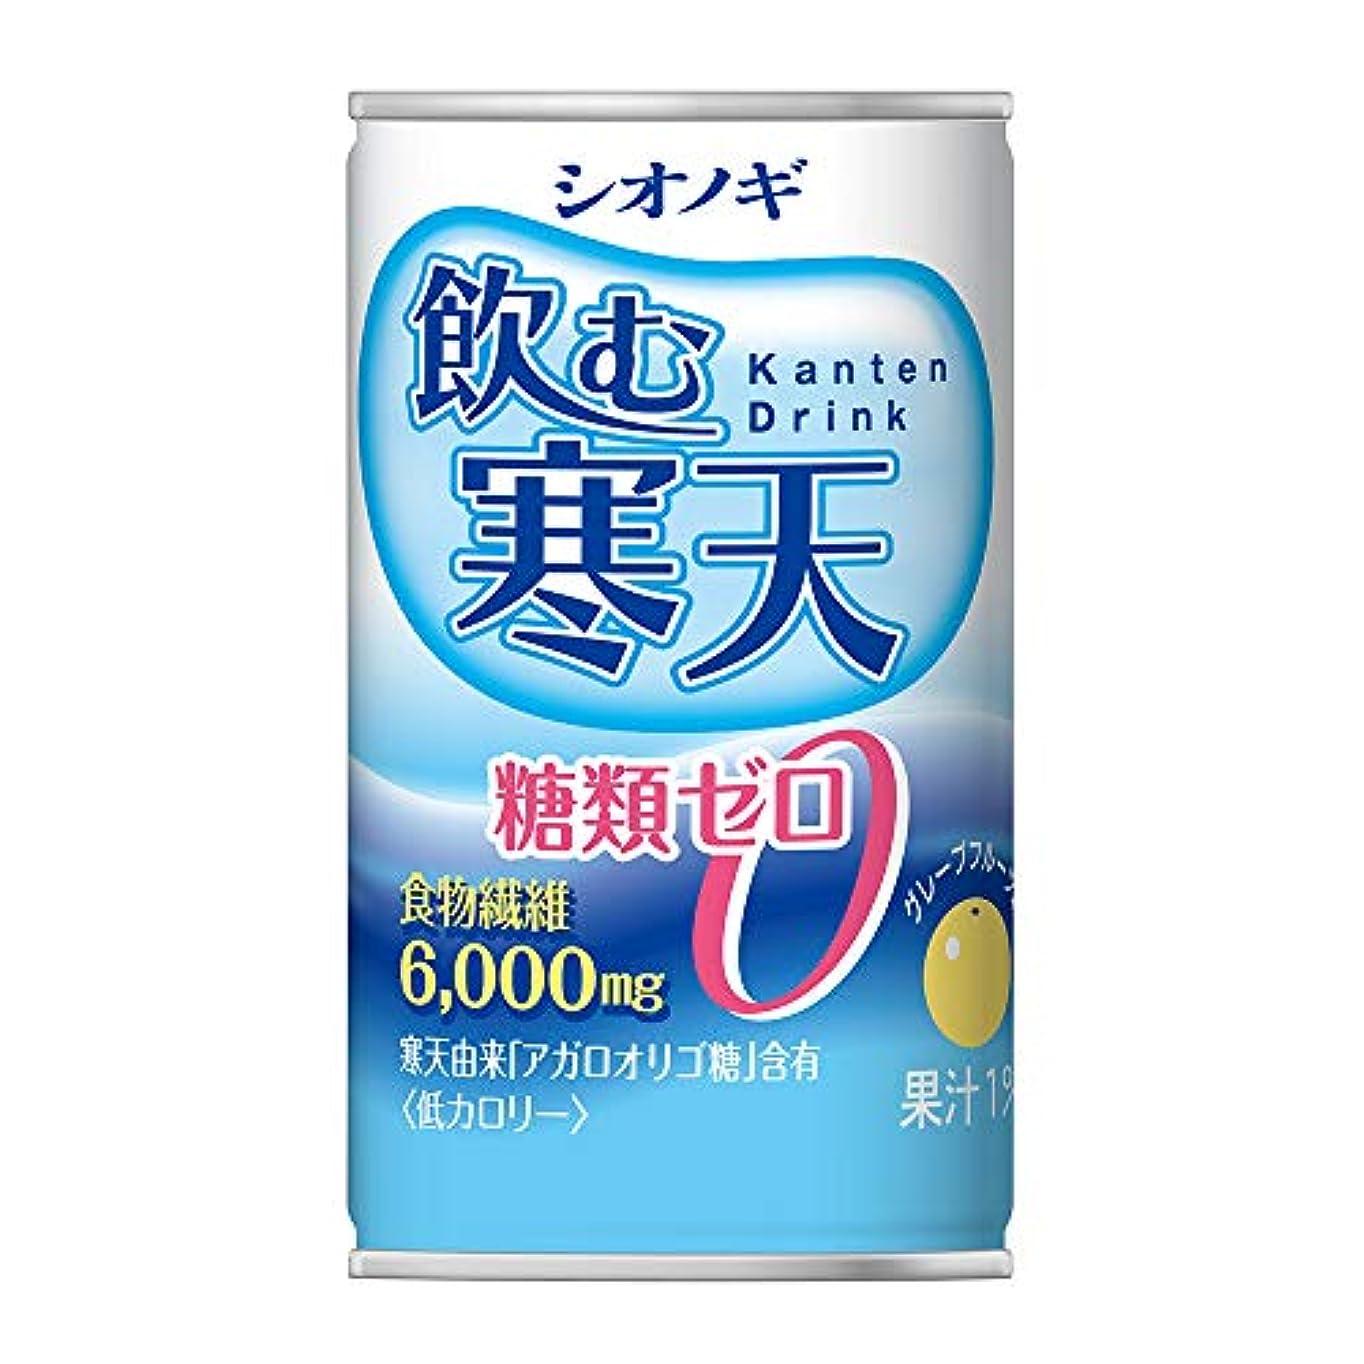 考えた田舎者見ました飲む寒天<糖類ゼロ><160g×30本入り>